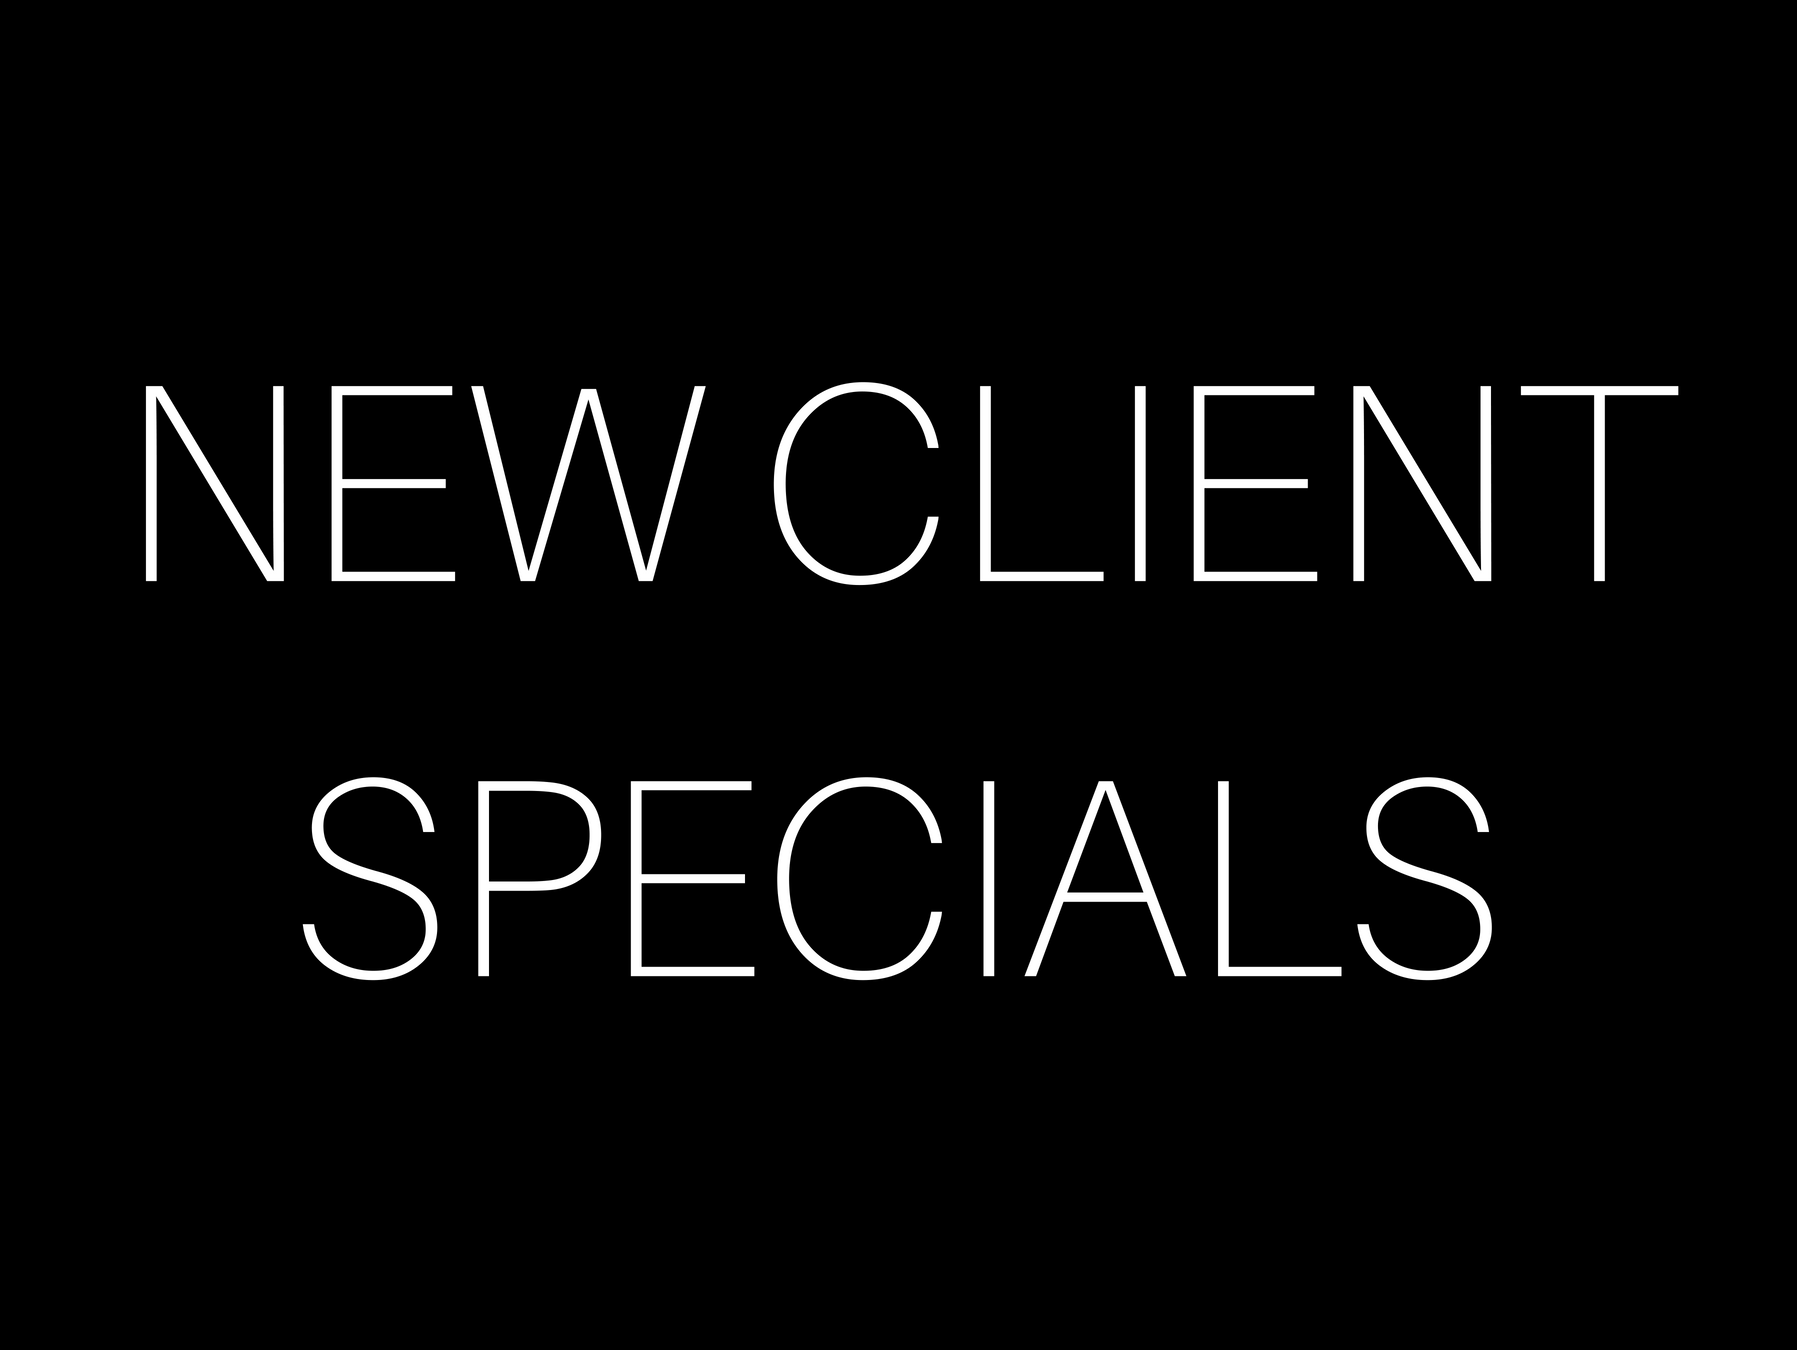 Core 3 New Client Specials